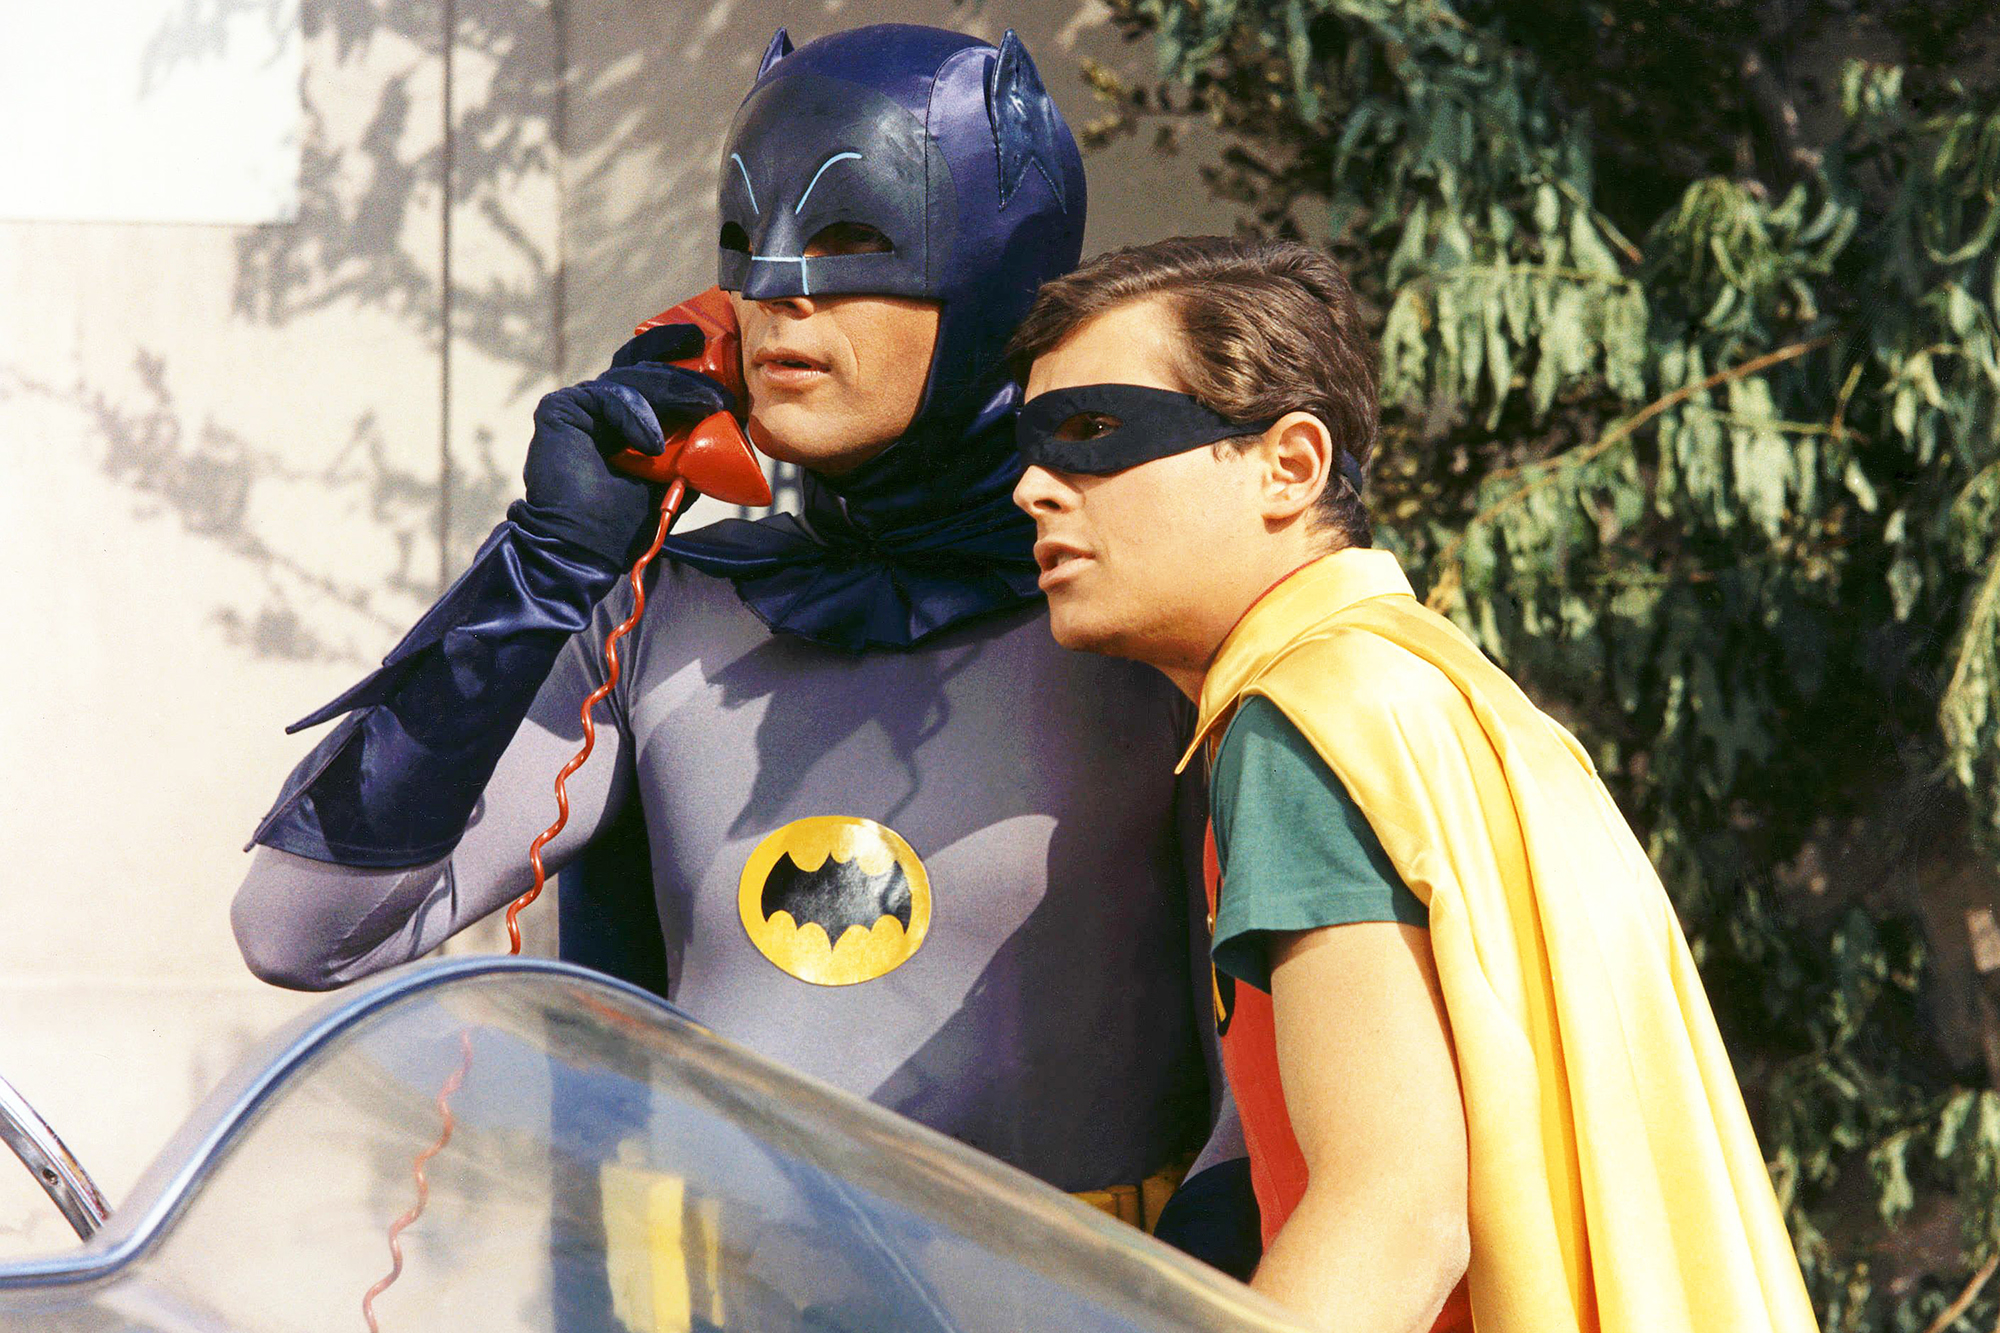 Adam West, as Batman, and Burt Ward, as Robin, c. 1966.